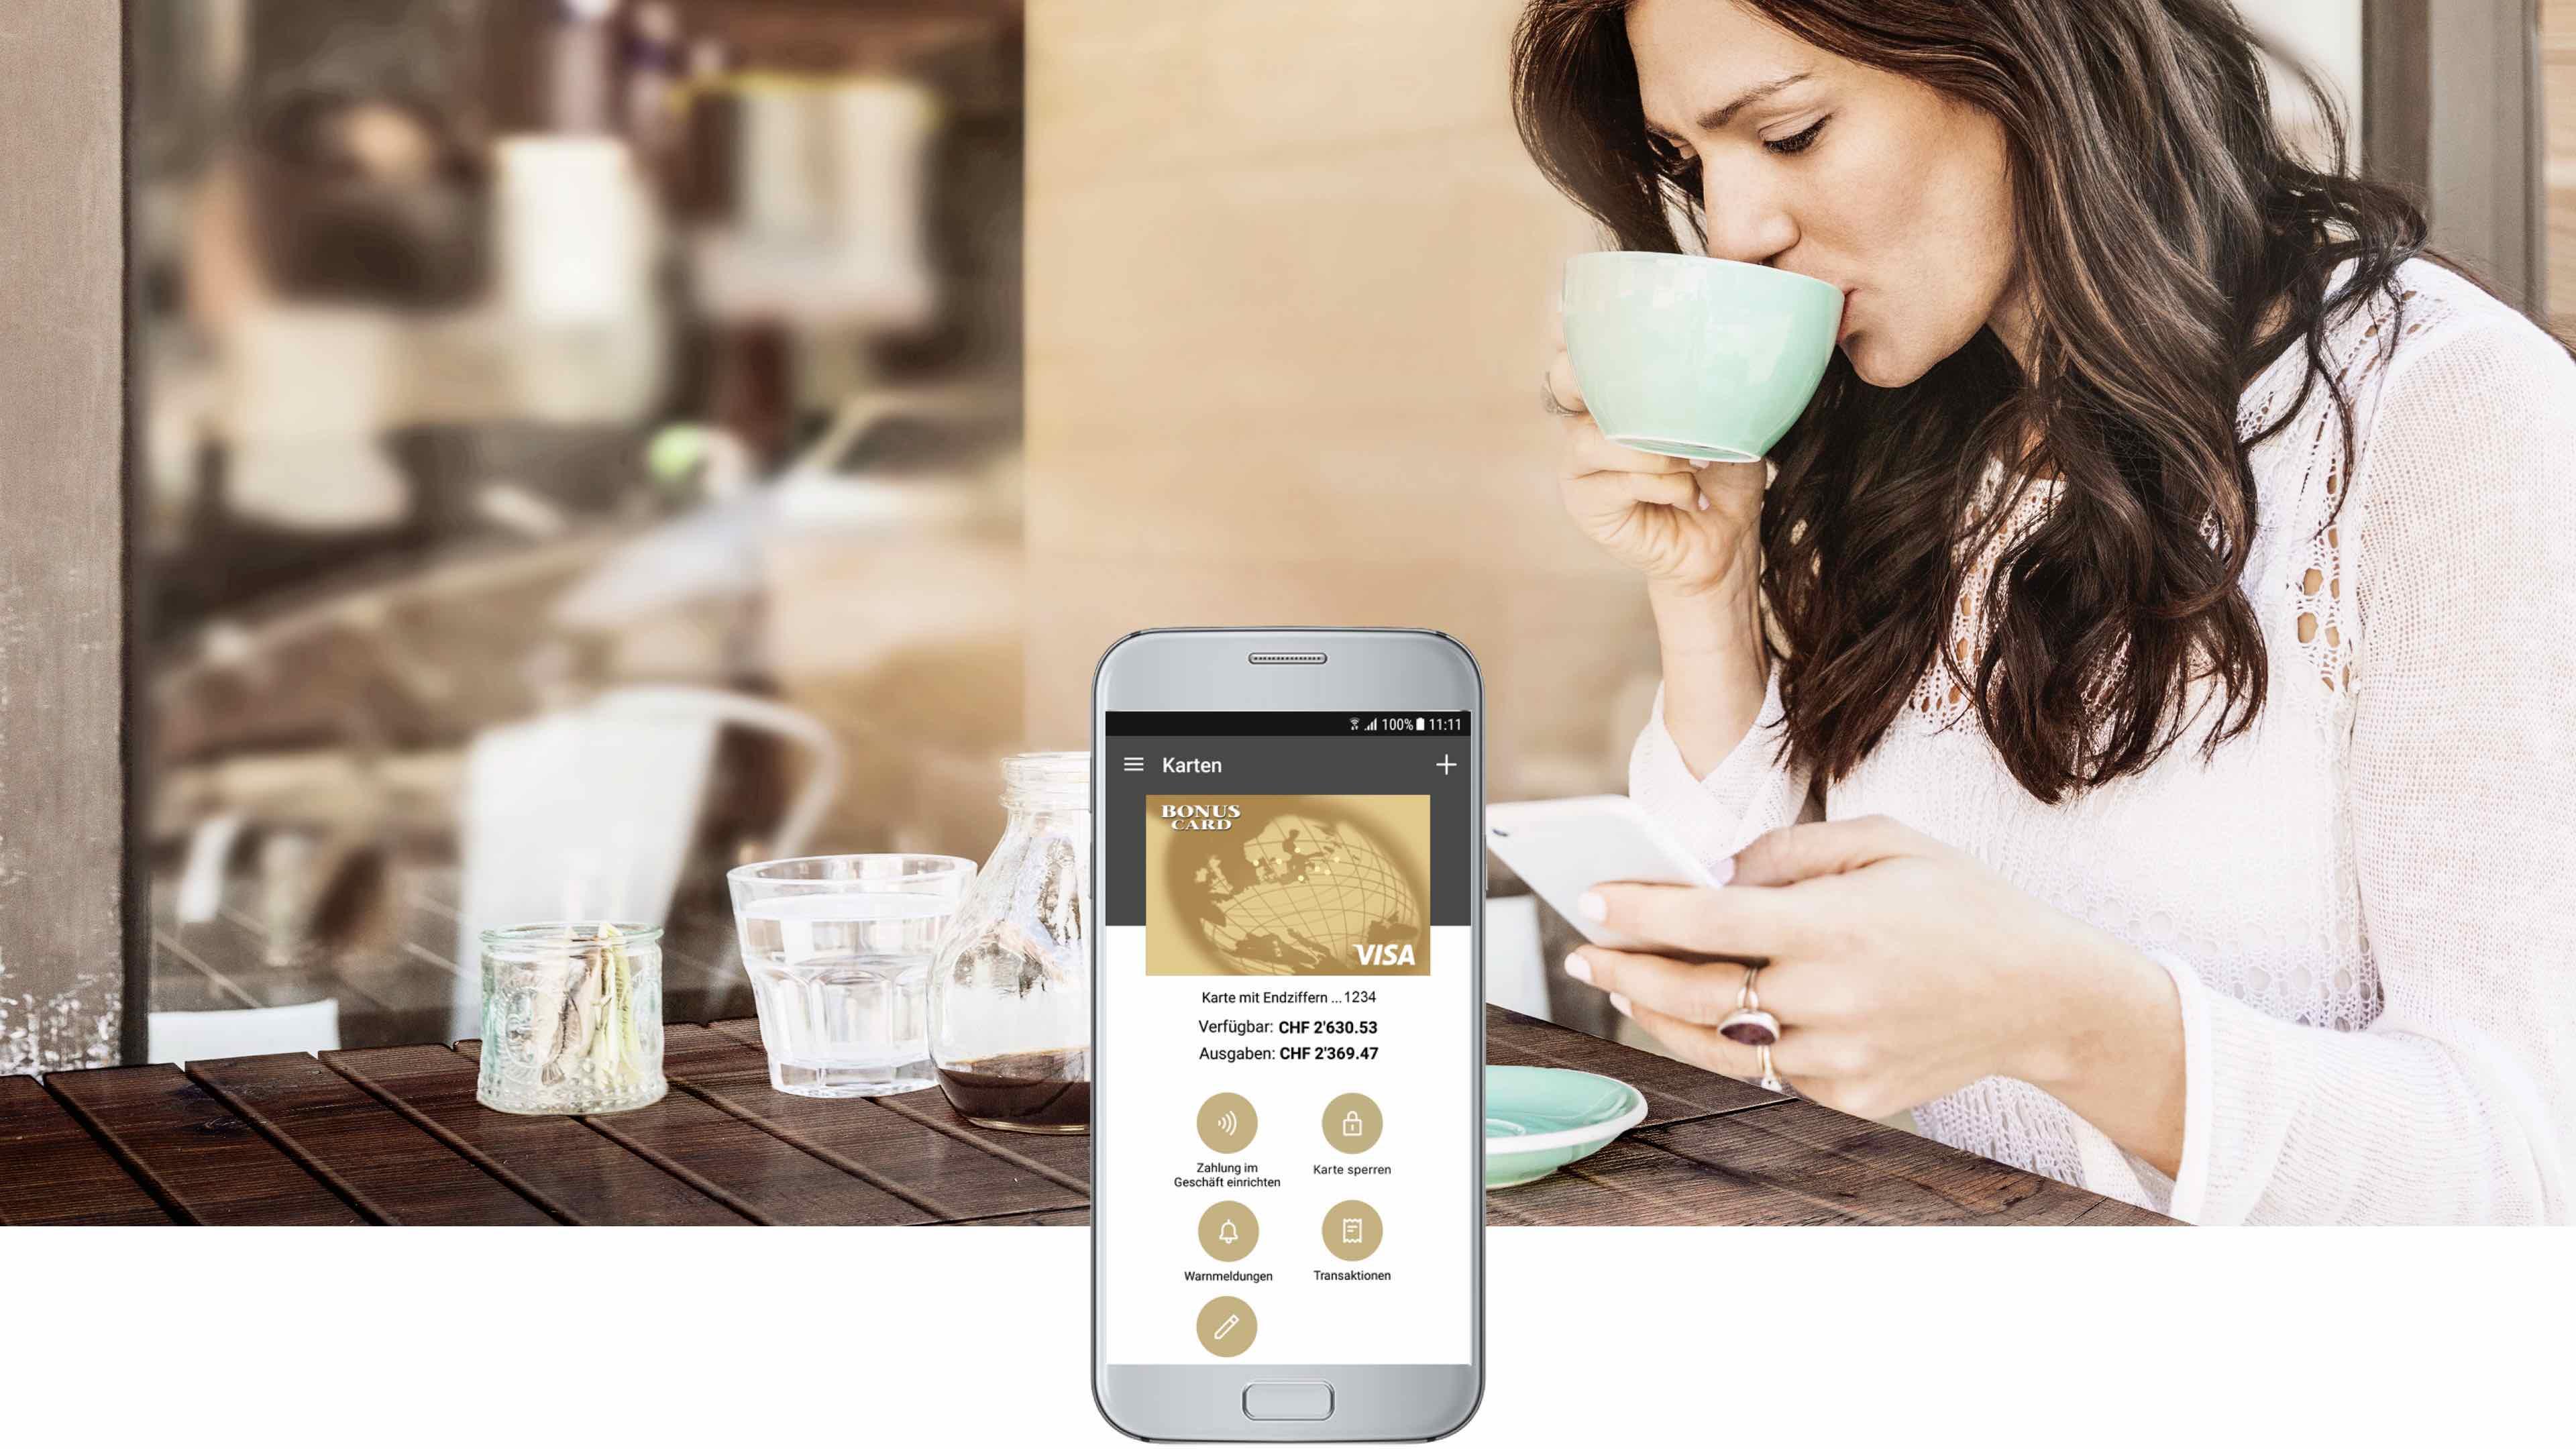 Visa Bonus Card App